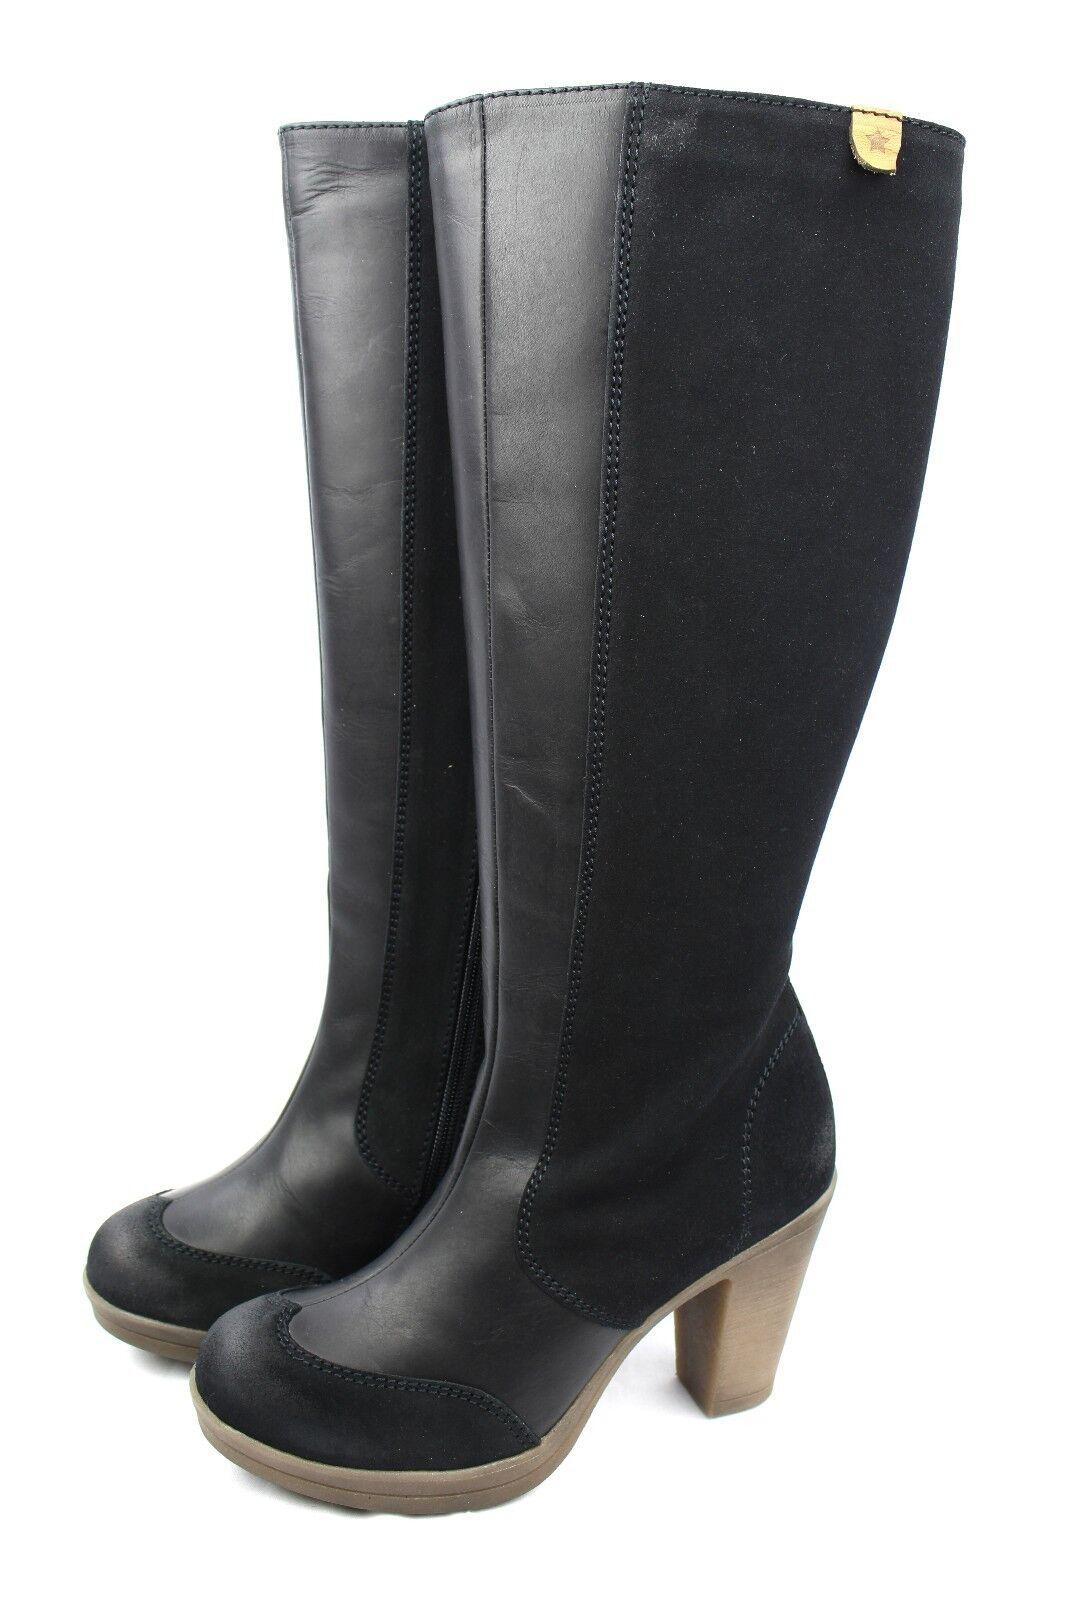 Cubanas Cubanas Cubanas señora botas sporty 520 cuero negro  venta con descuento